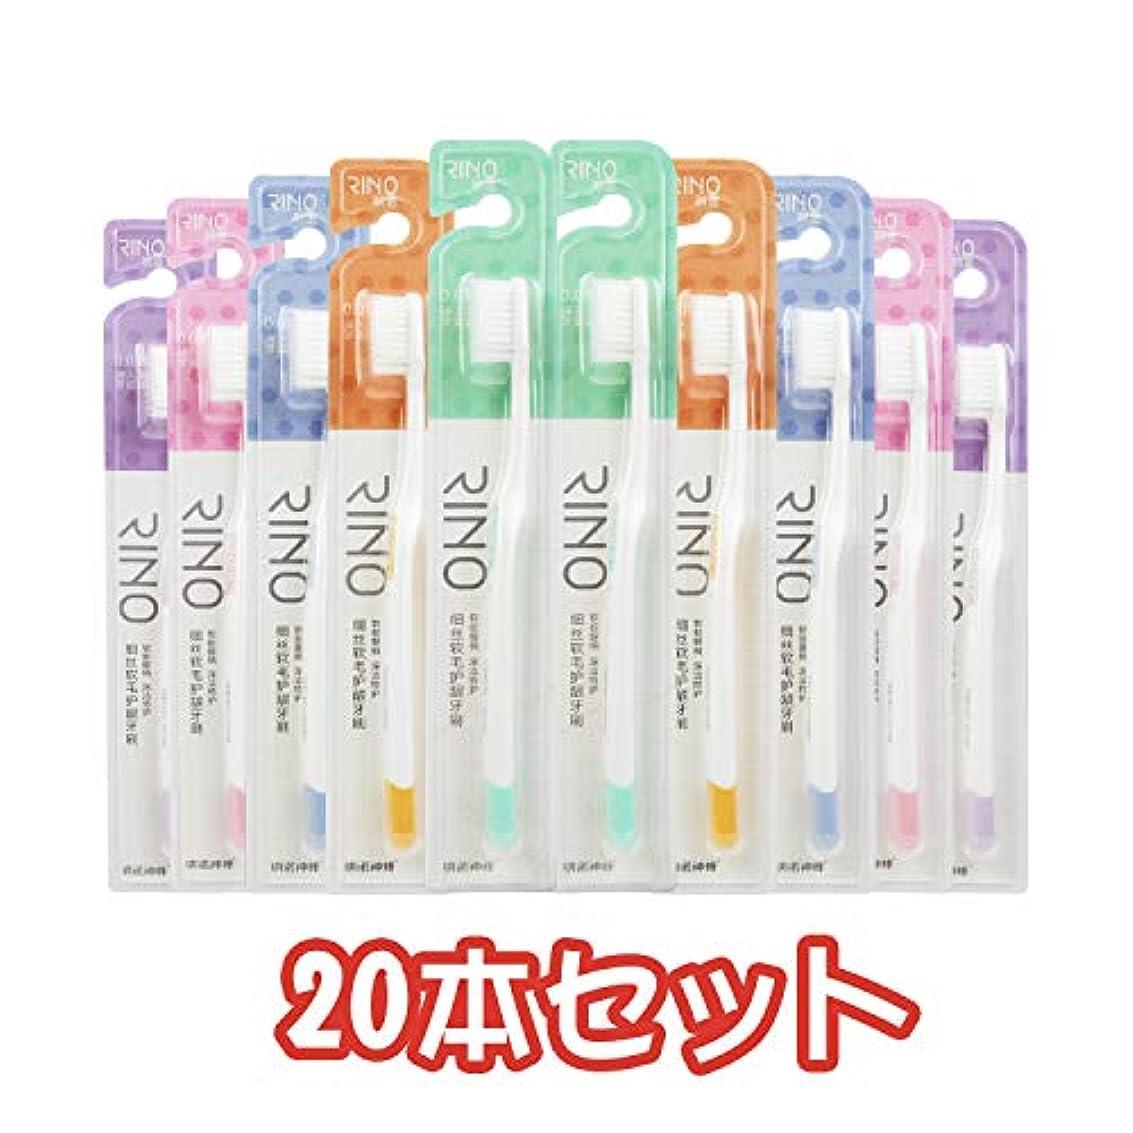 小道助けになるリクルートNano 20本セット やわらかい 歯ブラシ 大人用 耐久性 旅行用 子供 卸売価格 安い歯ブラシ